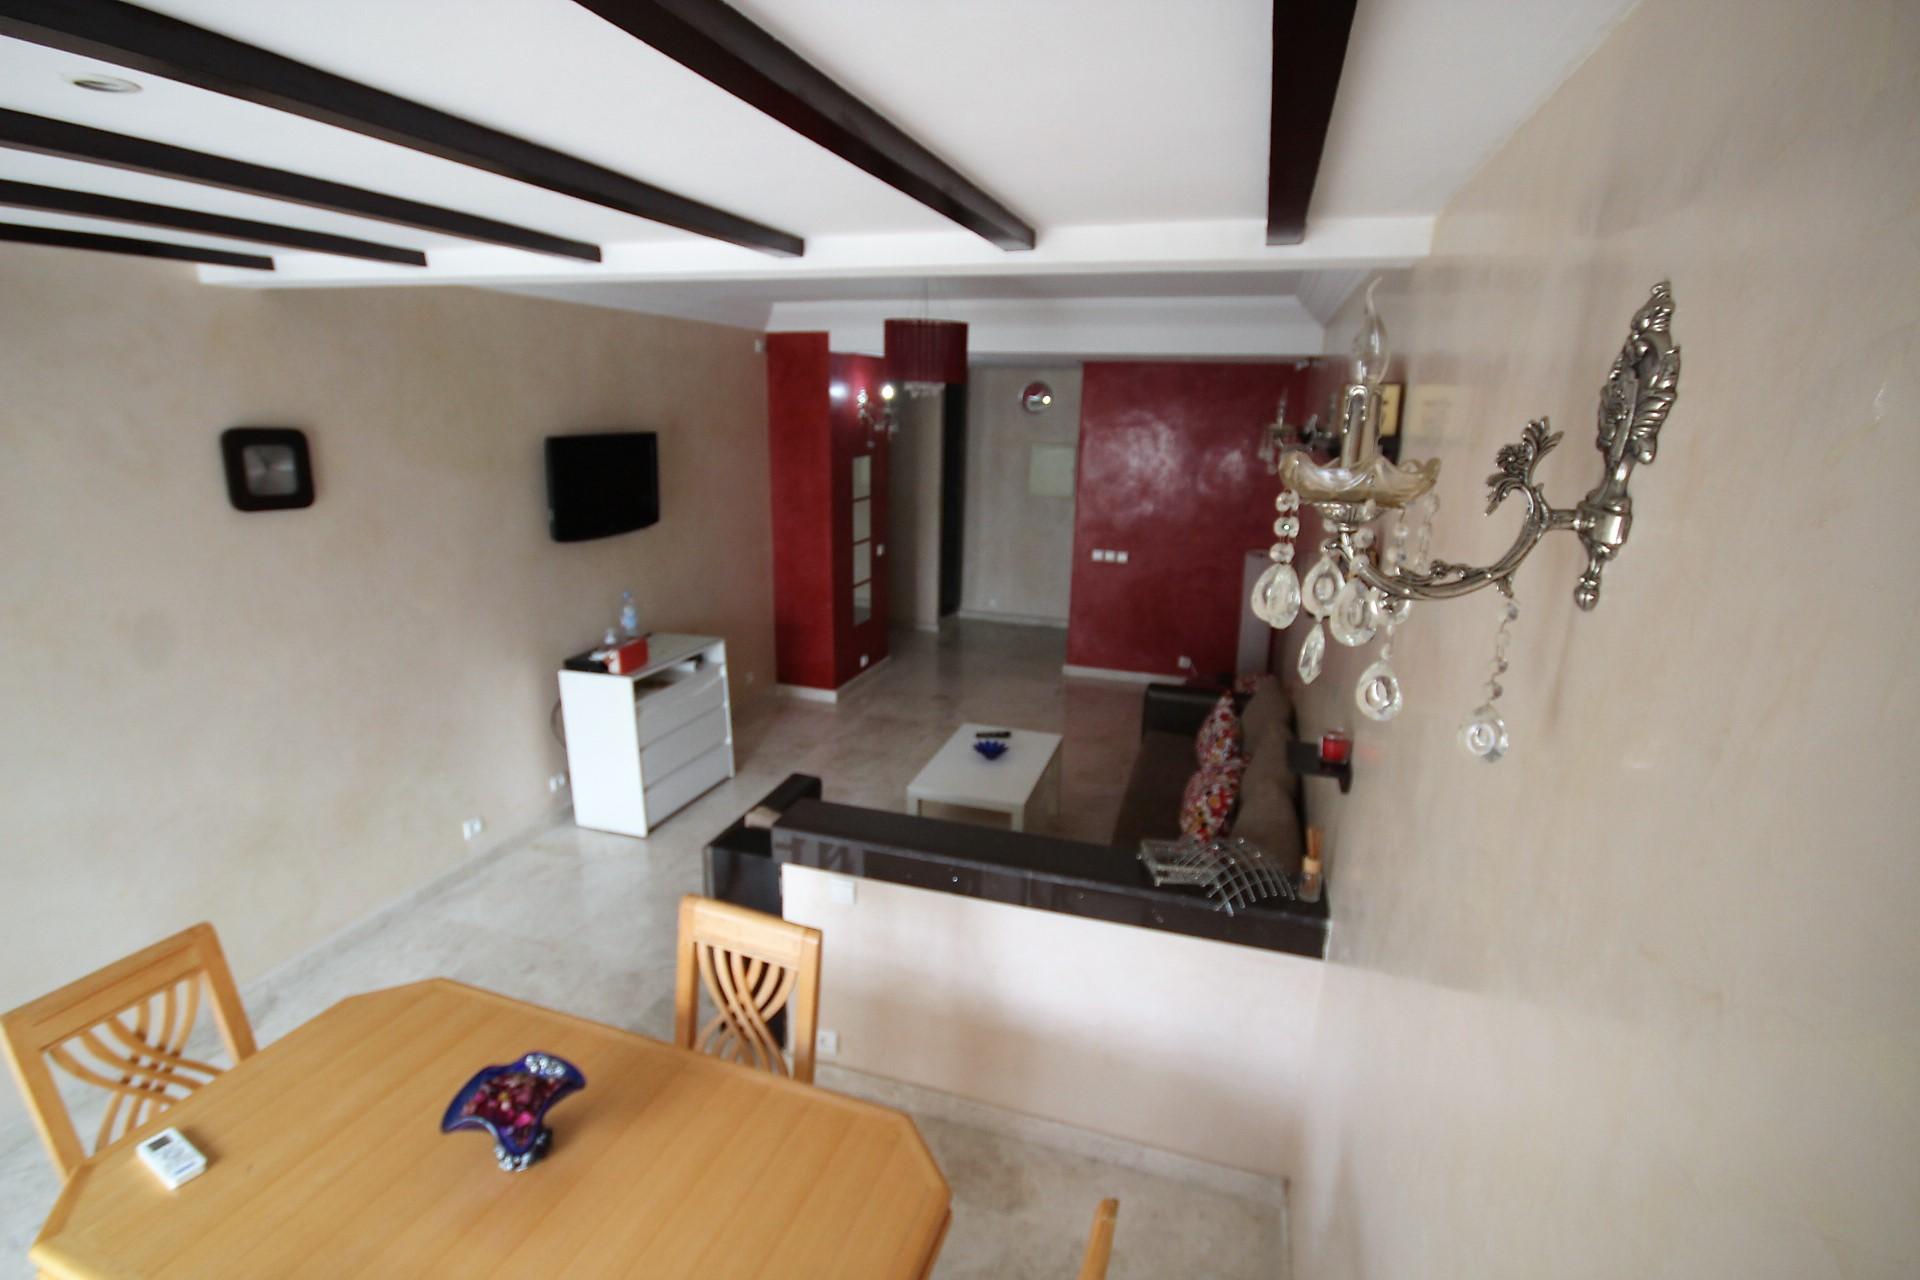 Maroc, Casablanca, centre, à vendre charmant appartement moderne rénové de 146 m² avec terrasse equipée